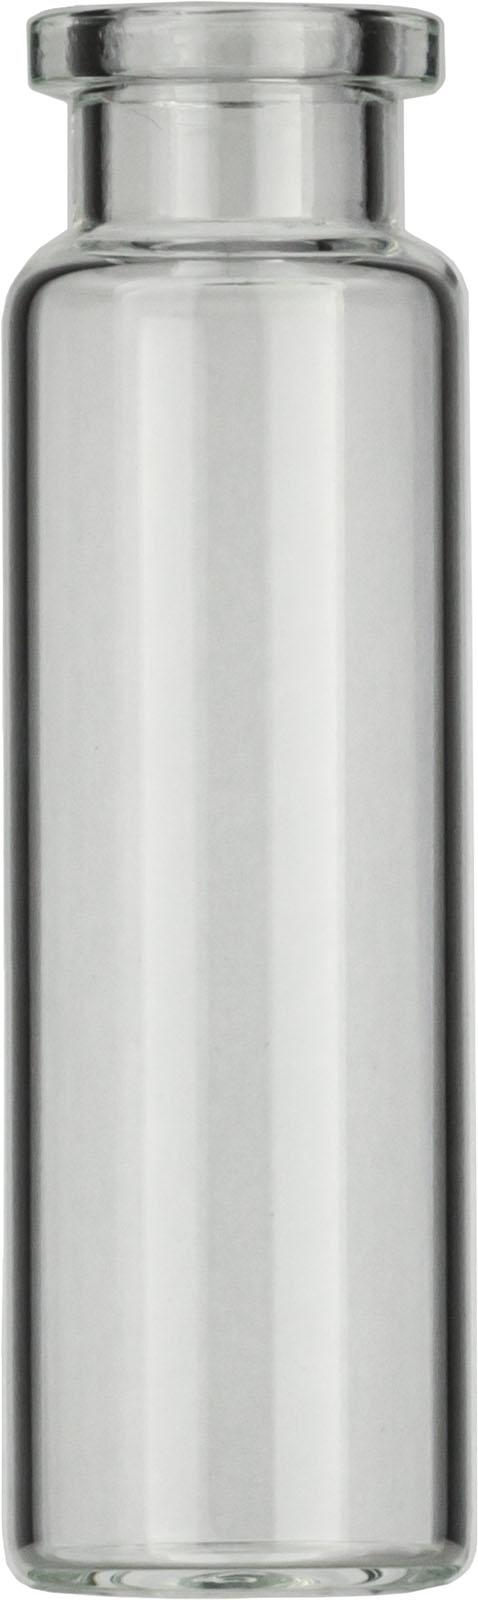 Vial N20-20, RR, k,22,5x75,5,fl DIN(DANI